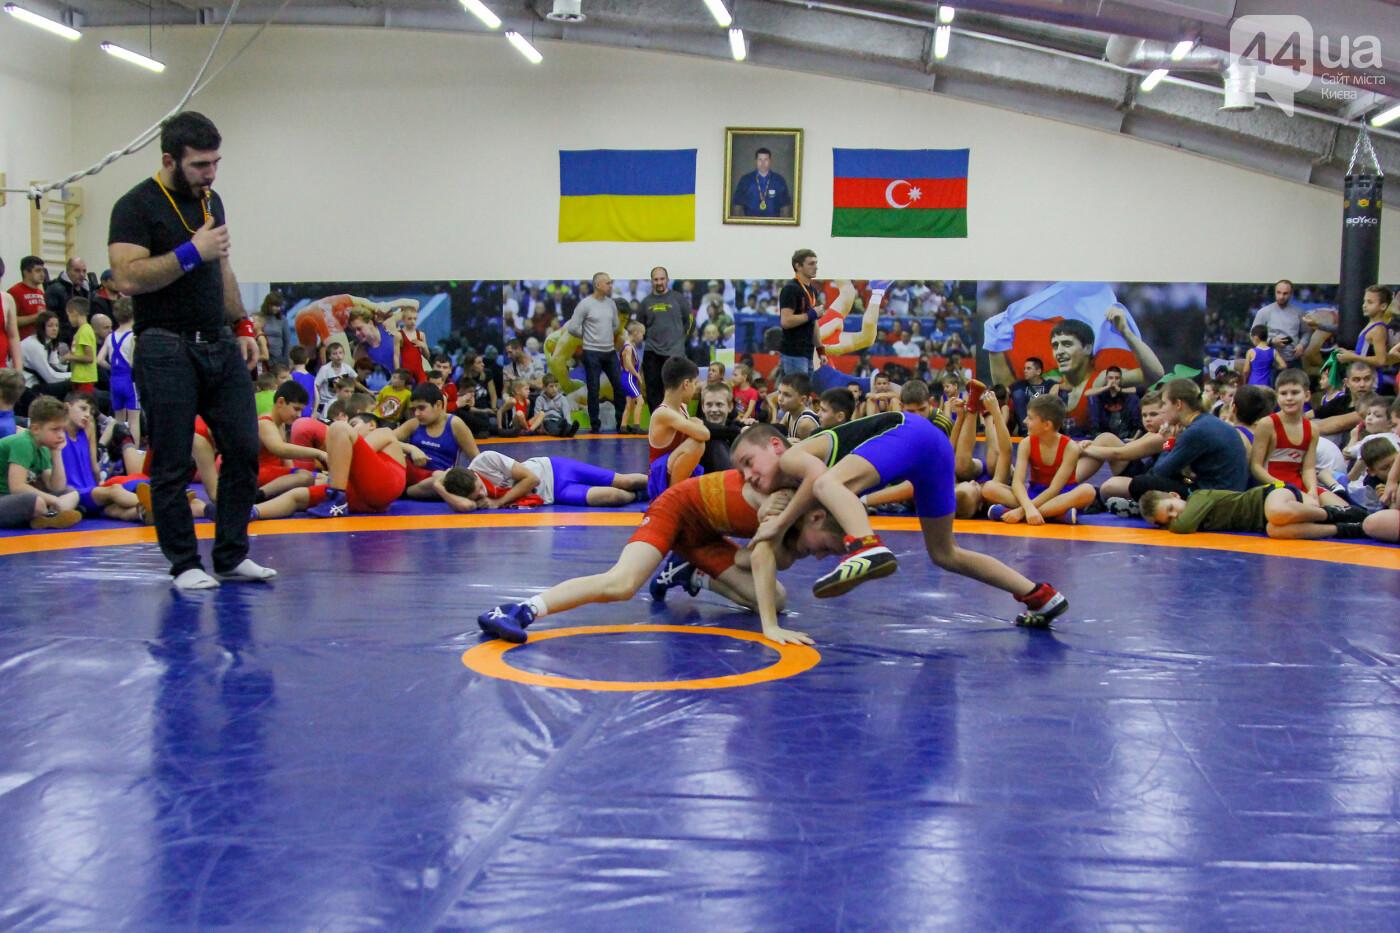 В ТРЦ Dream Town прошло первенство клуба спортивной борьбы «Бакинец», фото-2